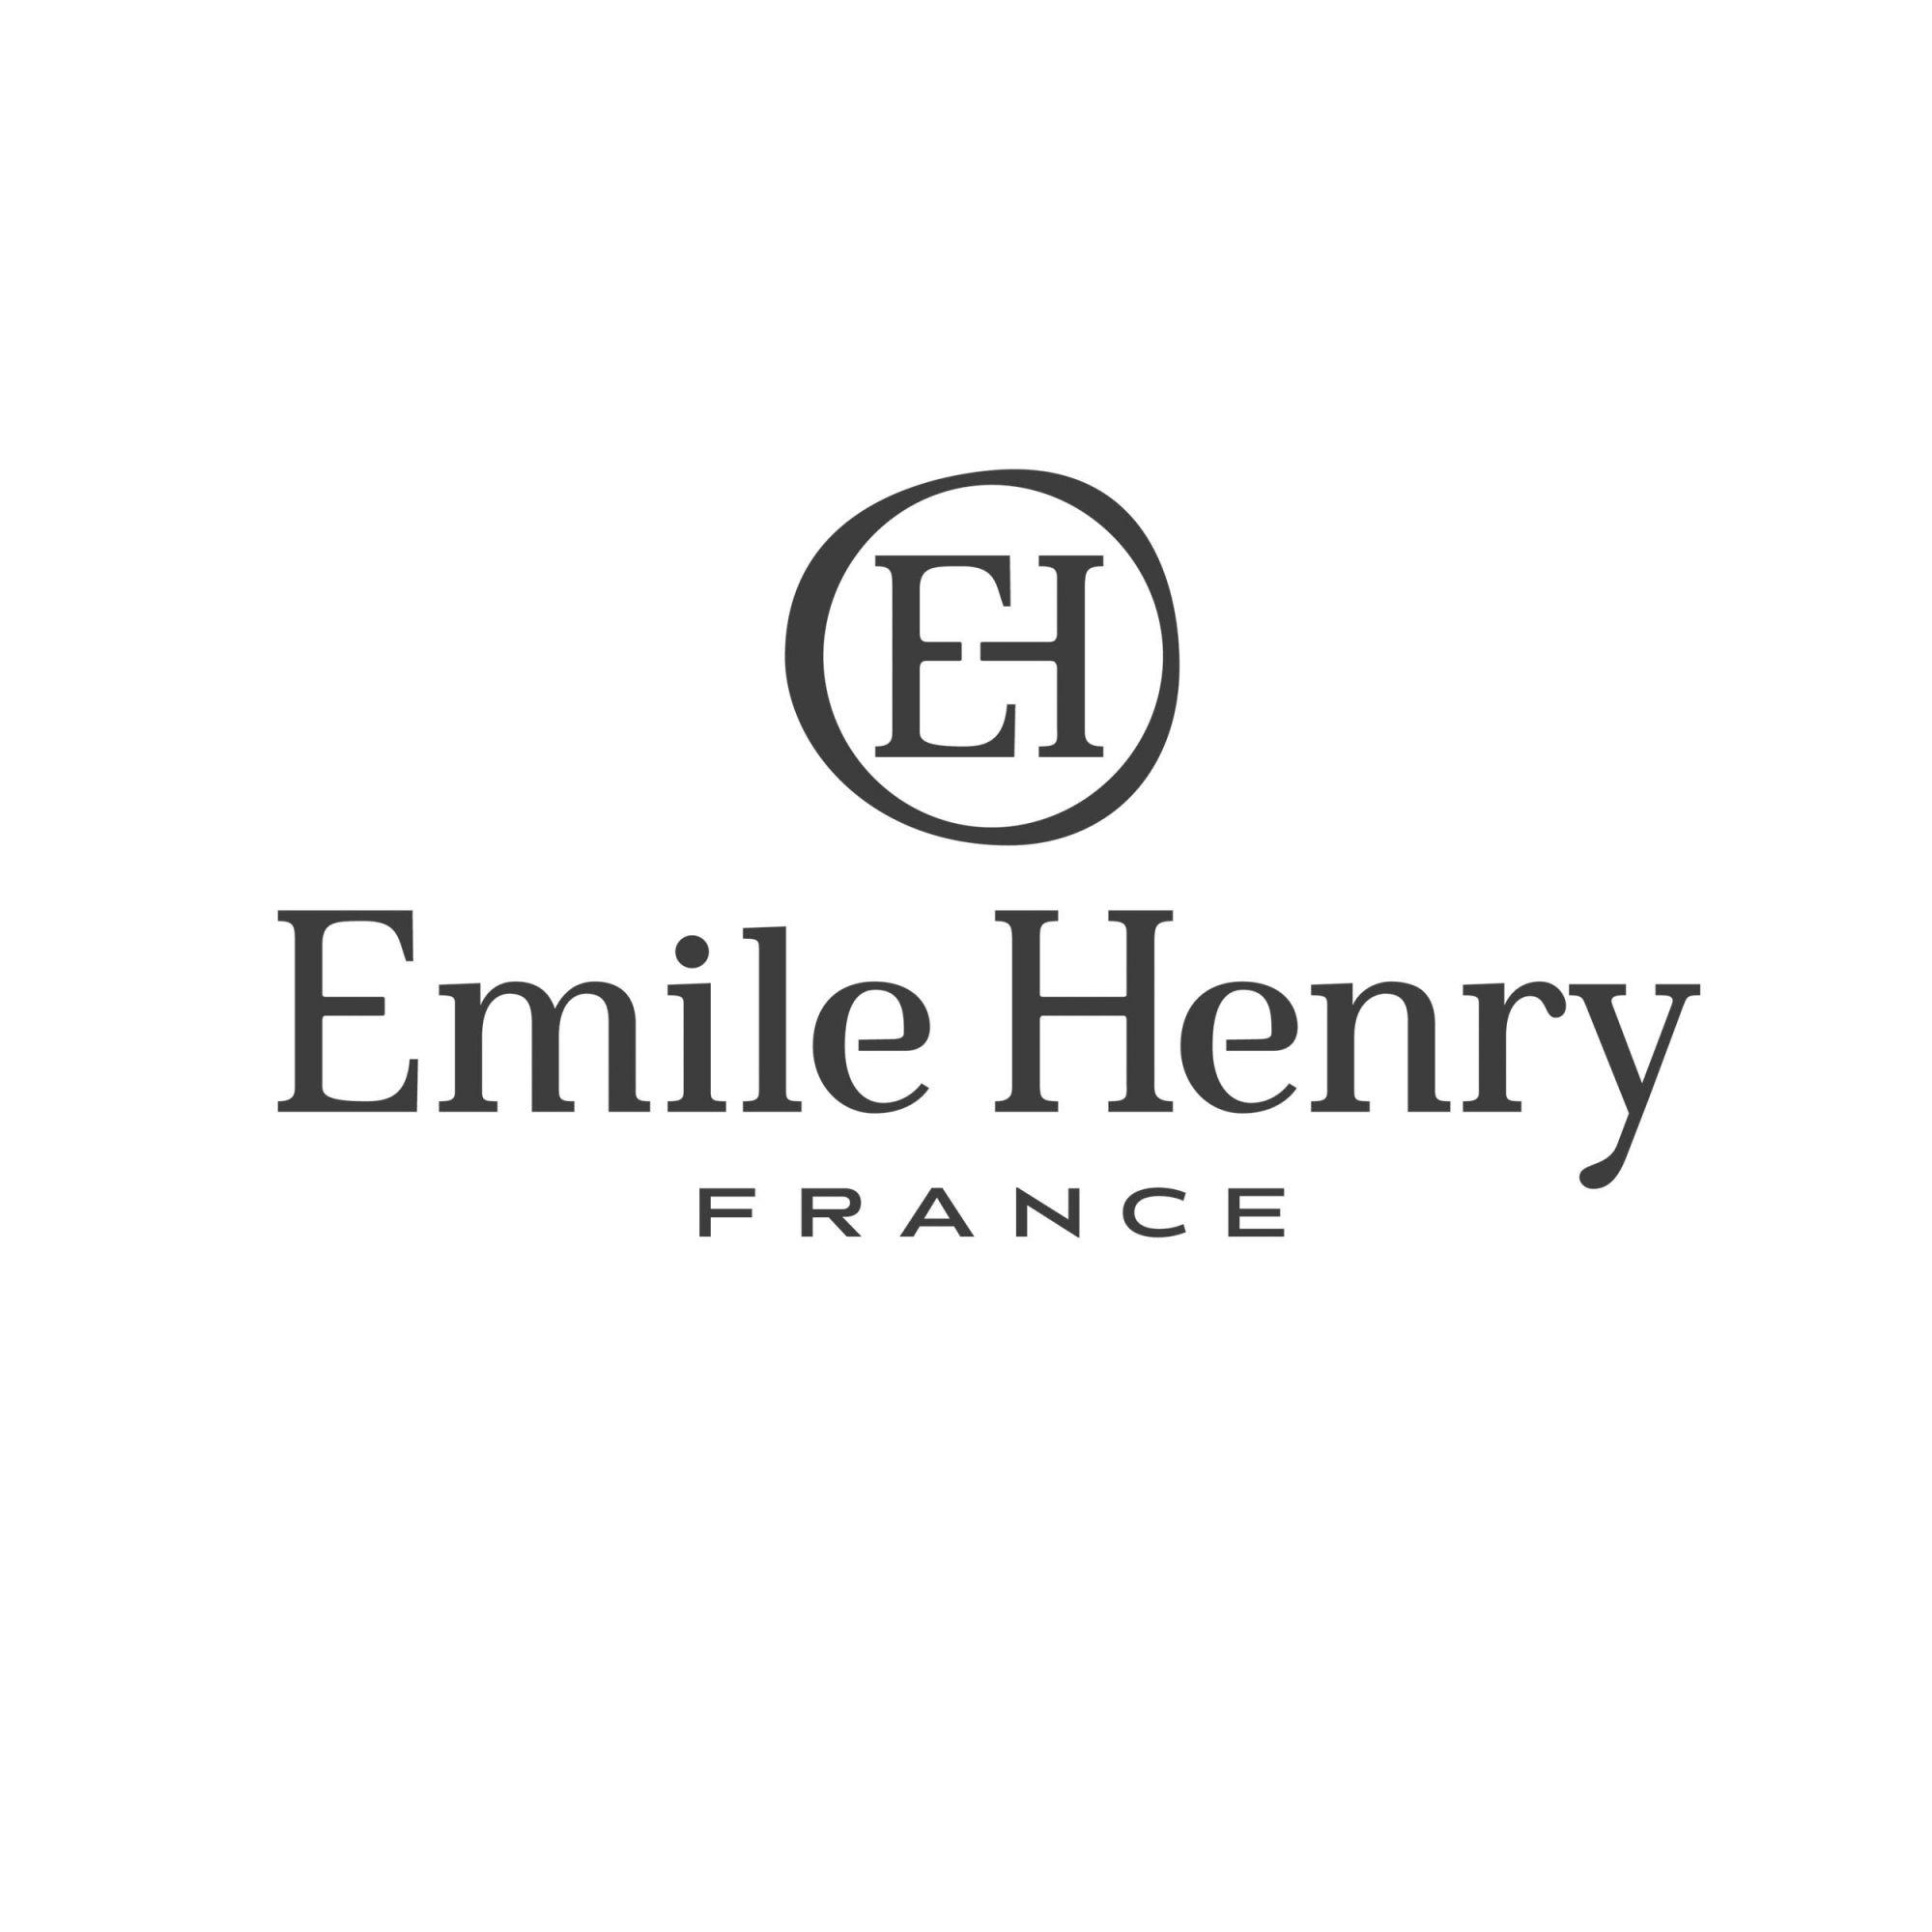 TRAVESSAS DE CERÂMICA RETANGULAR VERMELHA EMILE HENRY - 4 TAMANHOS